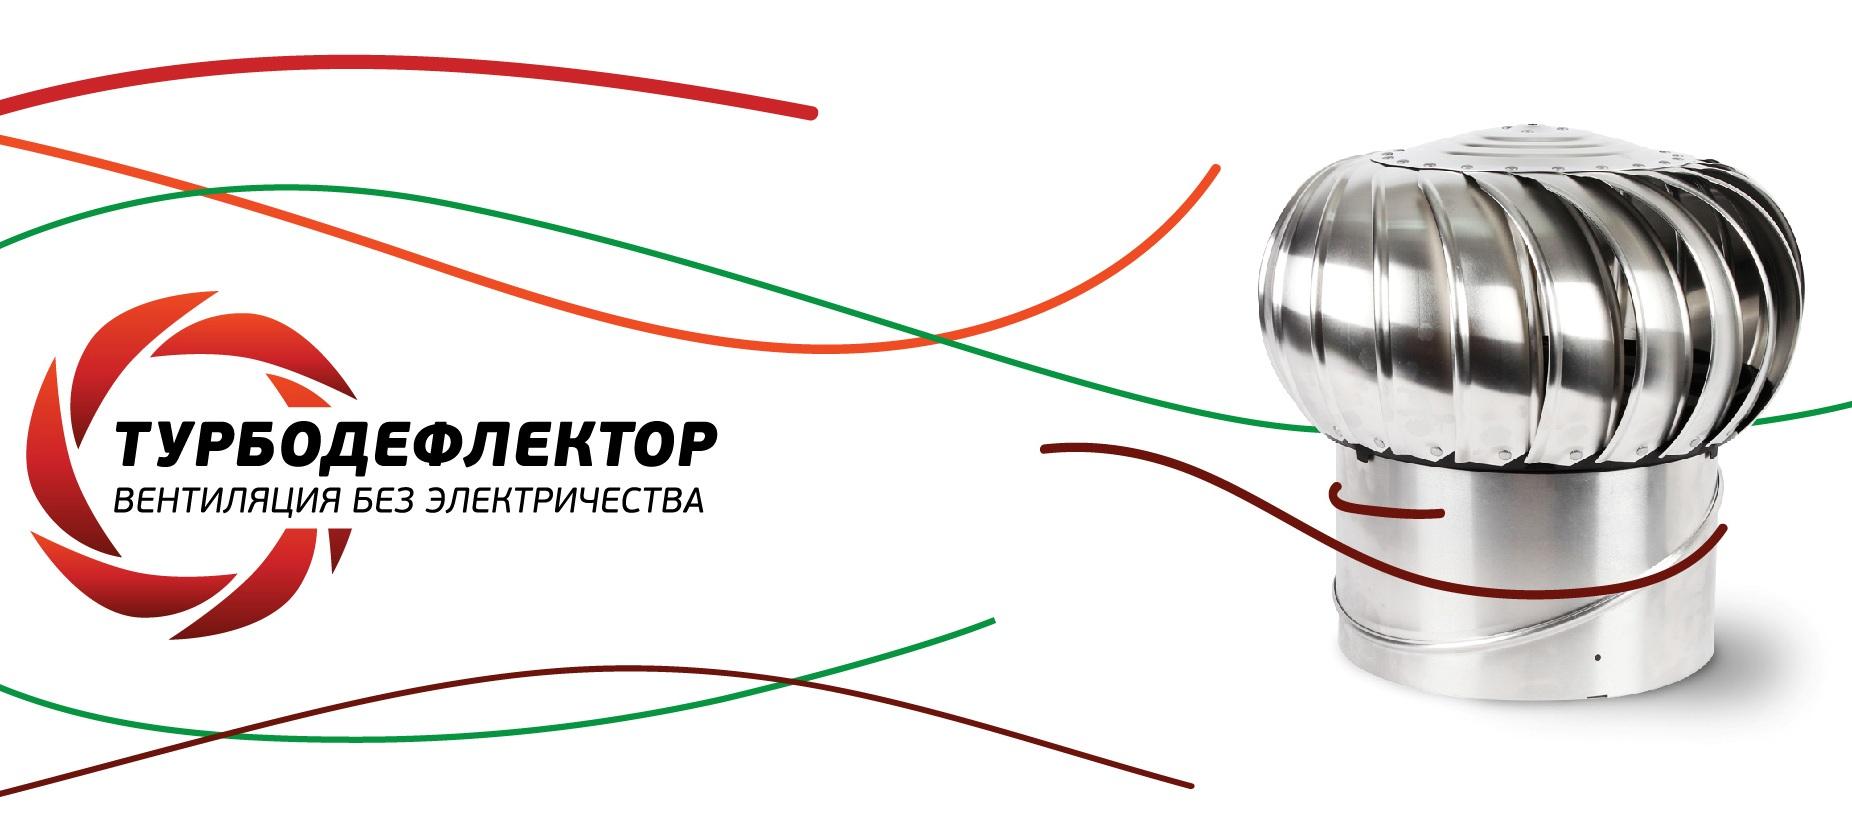 Дефлектор для вентиляции